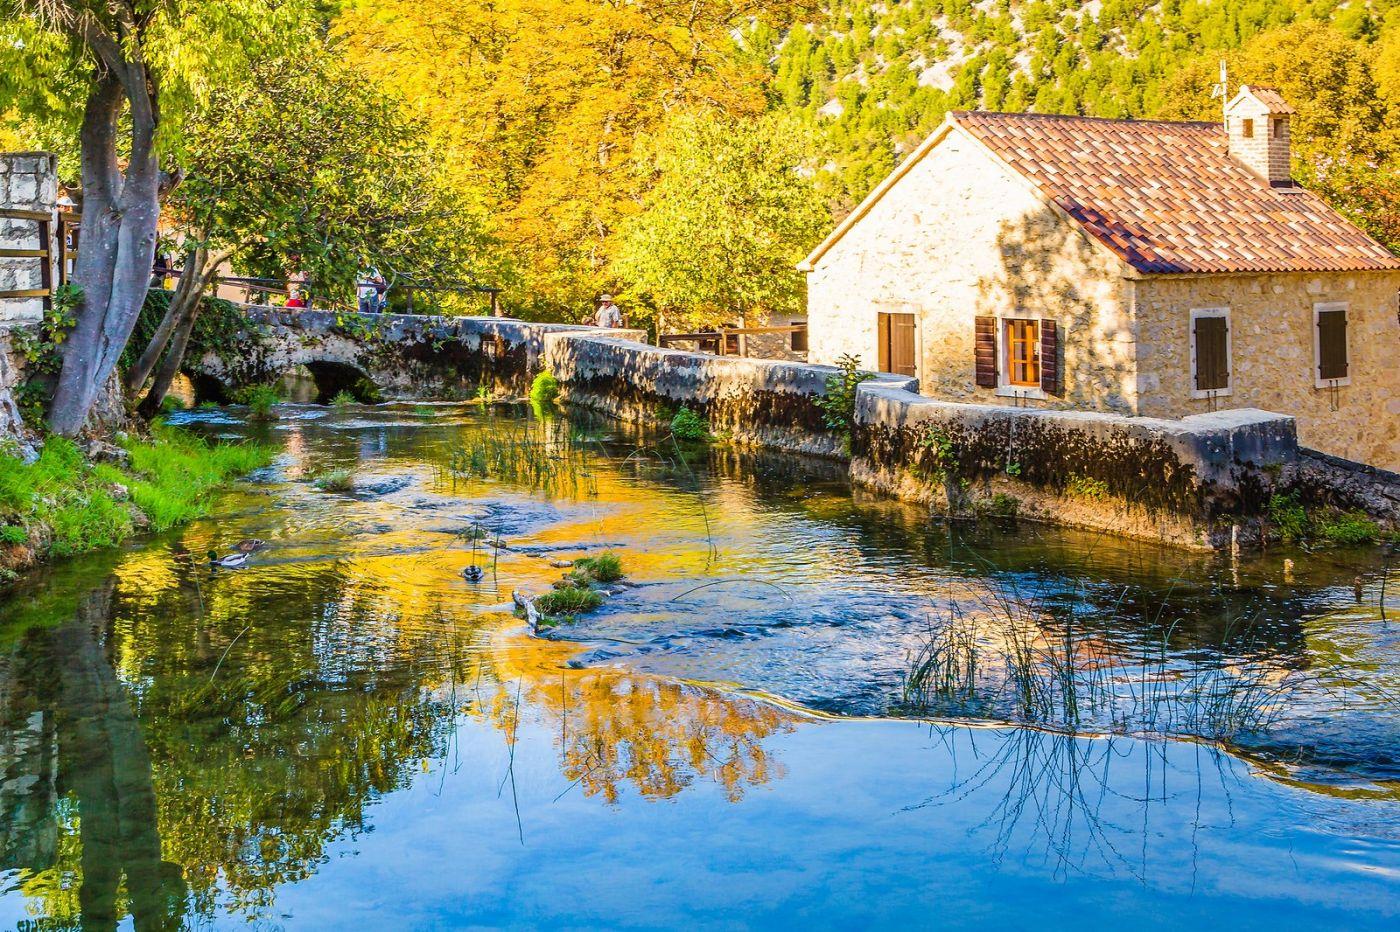 克罗地亚克尔卡国家公园(Krka National Park),小桥小路小房_图1-29